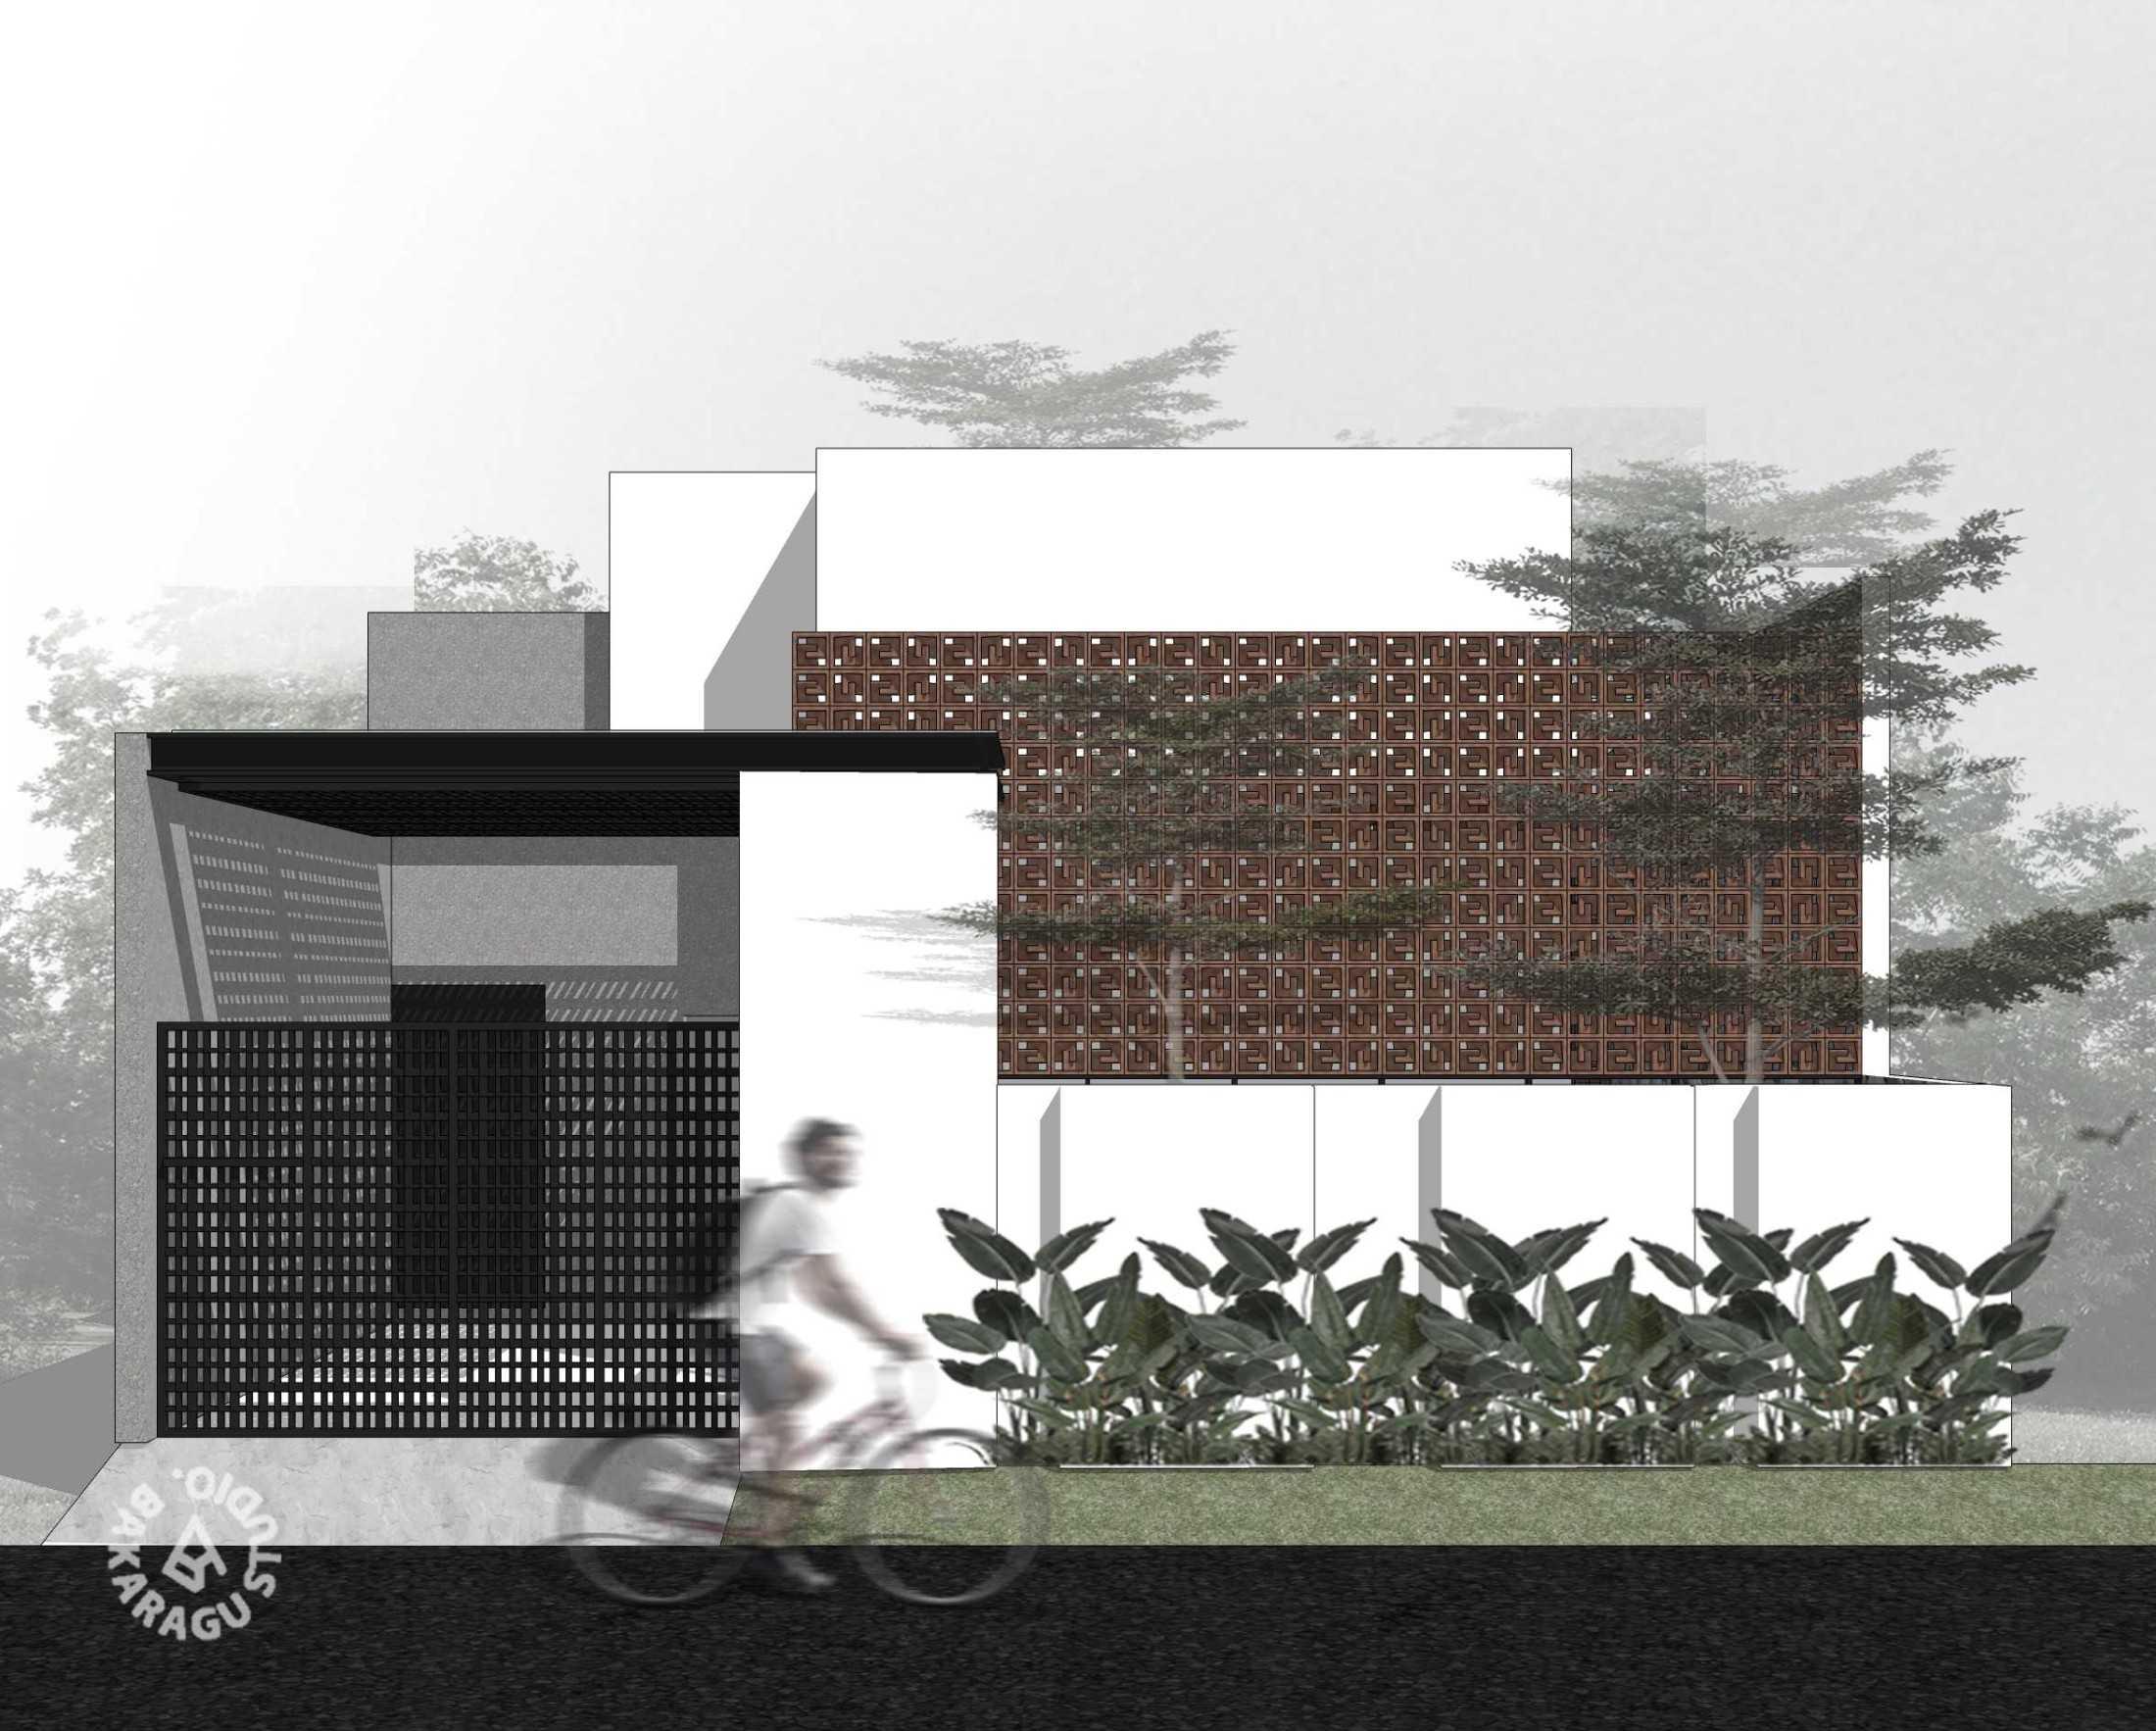 Jasa Design and Build Bakaragu.id di Madiun